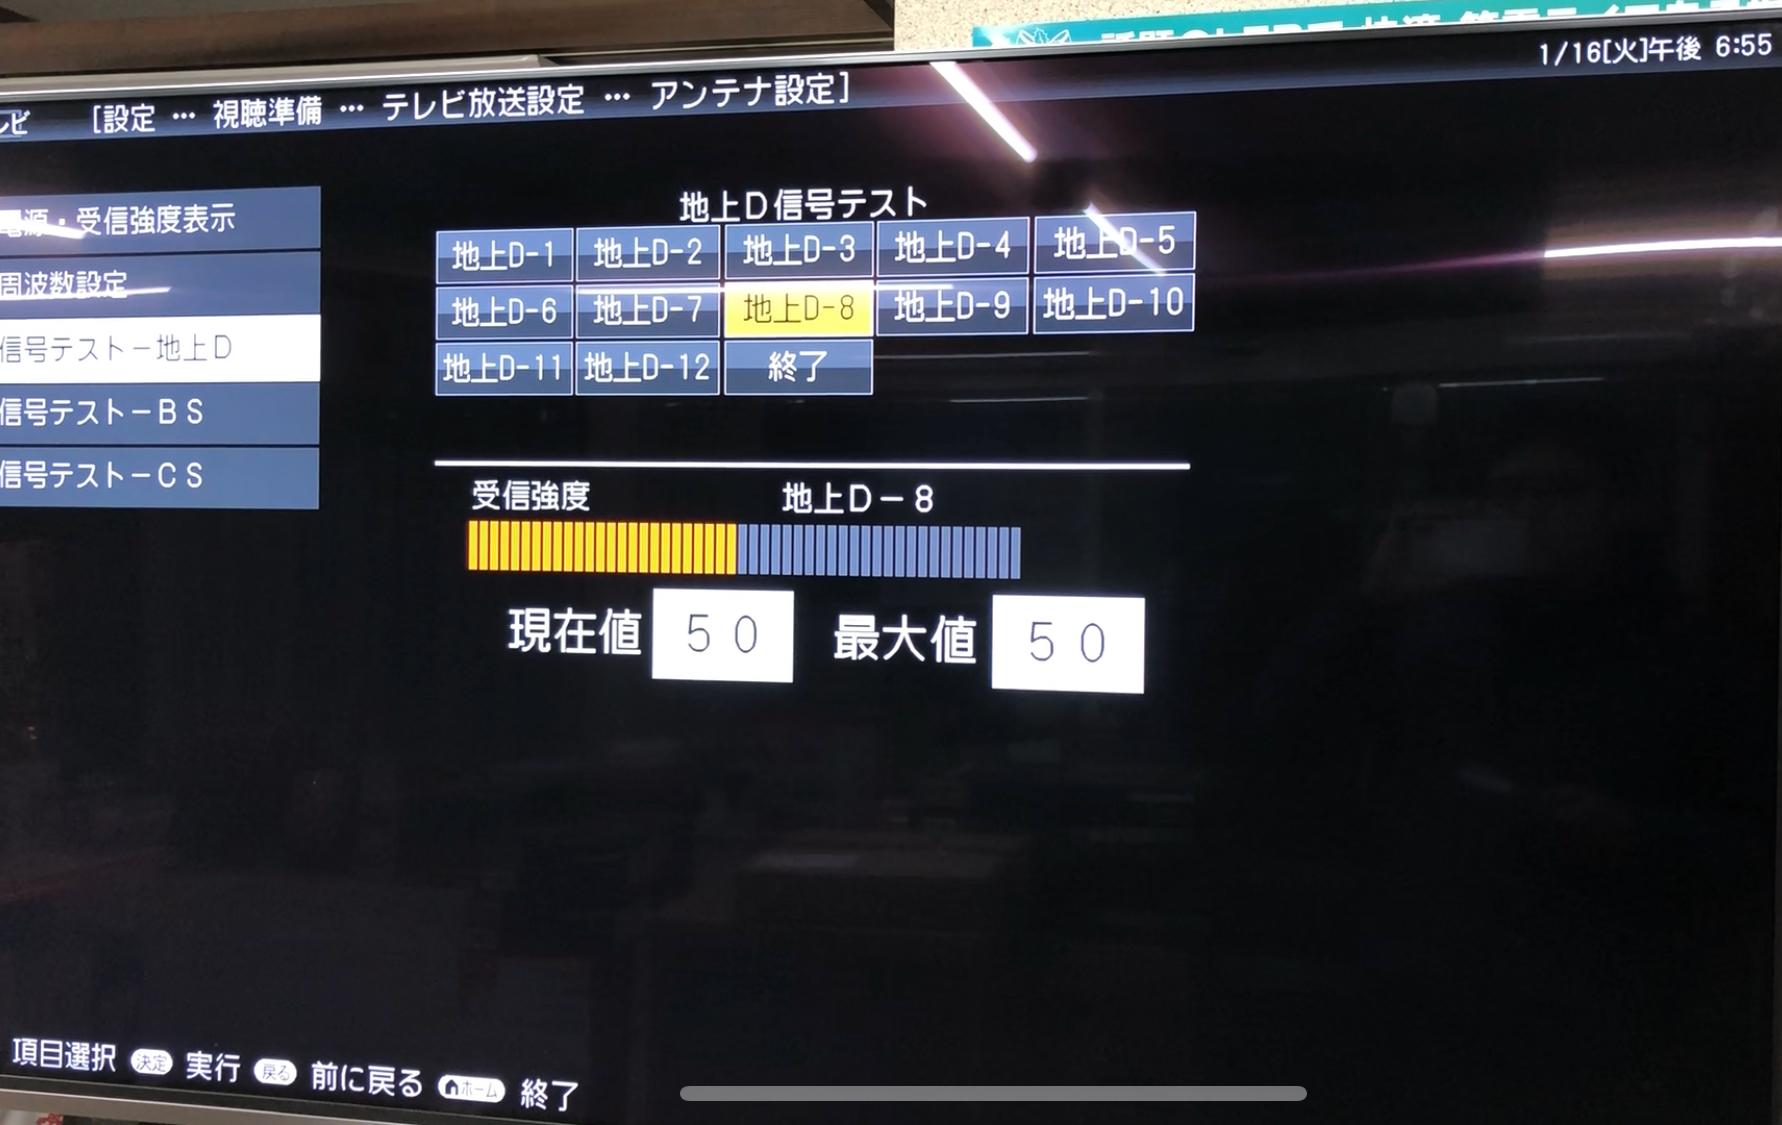 石川テレビ8チャンネル